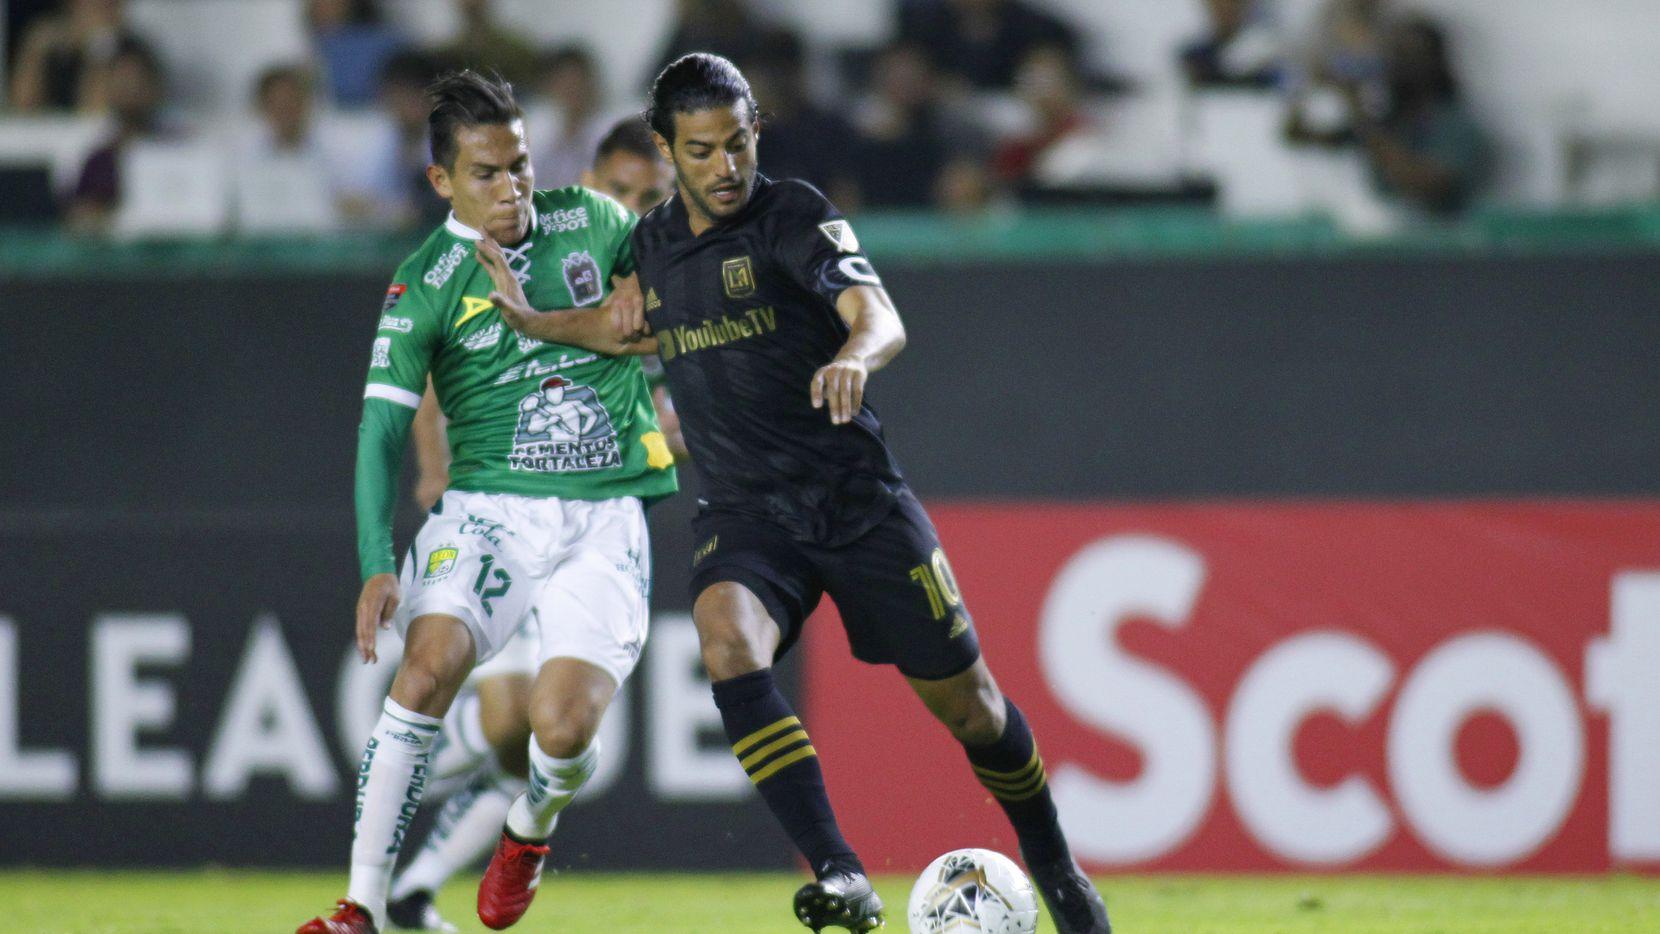 El jugador del LAFC, Carlos Vela (der), protege el balón ante la marca del jugador del León, Iván Rodríguez, durante el encuentro de la Liga de Campeones de la Concacaf, 18 de febrero en León.